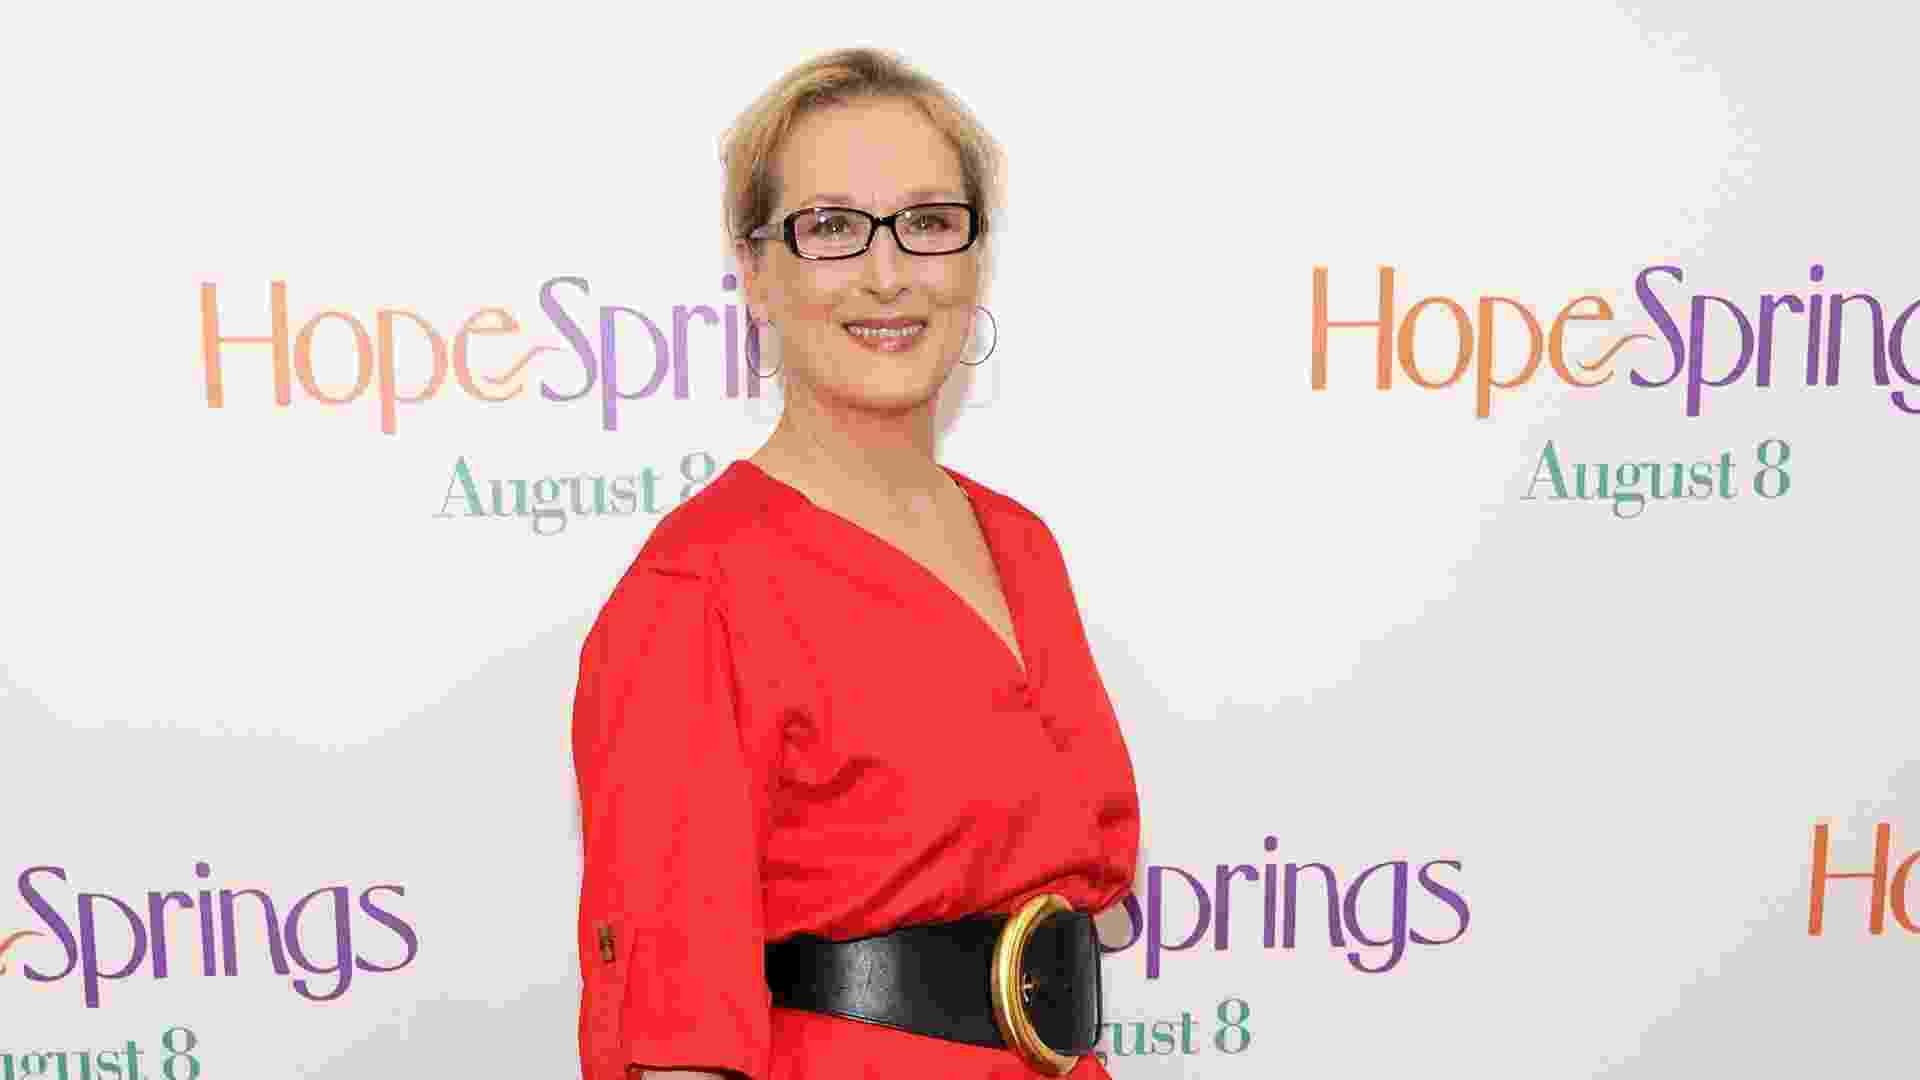 Meryl Streep, de 63 anos, está sempre com roupas ideais para sua faixa etária, sem parecer jovem demais, nem muito velha. O vestido vermelho com cinto preto valoriza a silhueta da atriz. O cinto largo marca a cintura, o decote em V alonga a silhueta, assim como o comprimento da saia. As mangas 3/4 e a saia mais soltinha ajudam a esconder algumas imperfeições que a idade pode trazer ao corpo - Getty Images